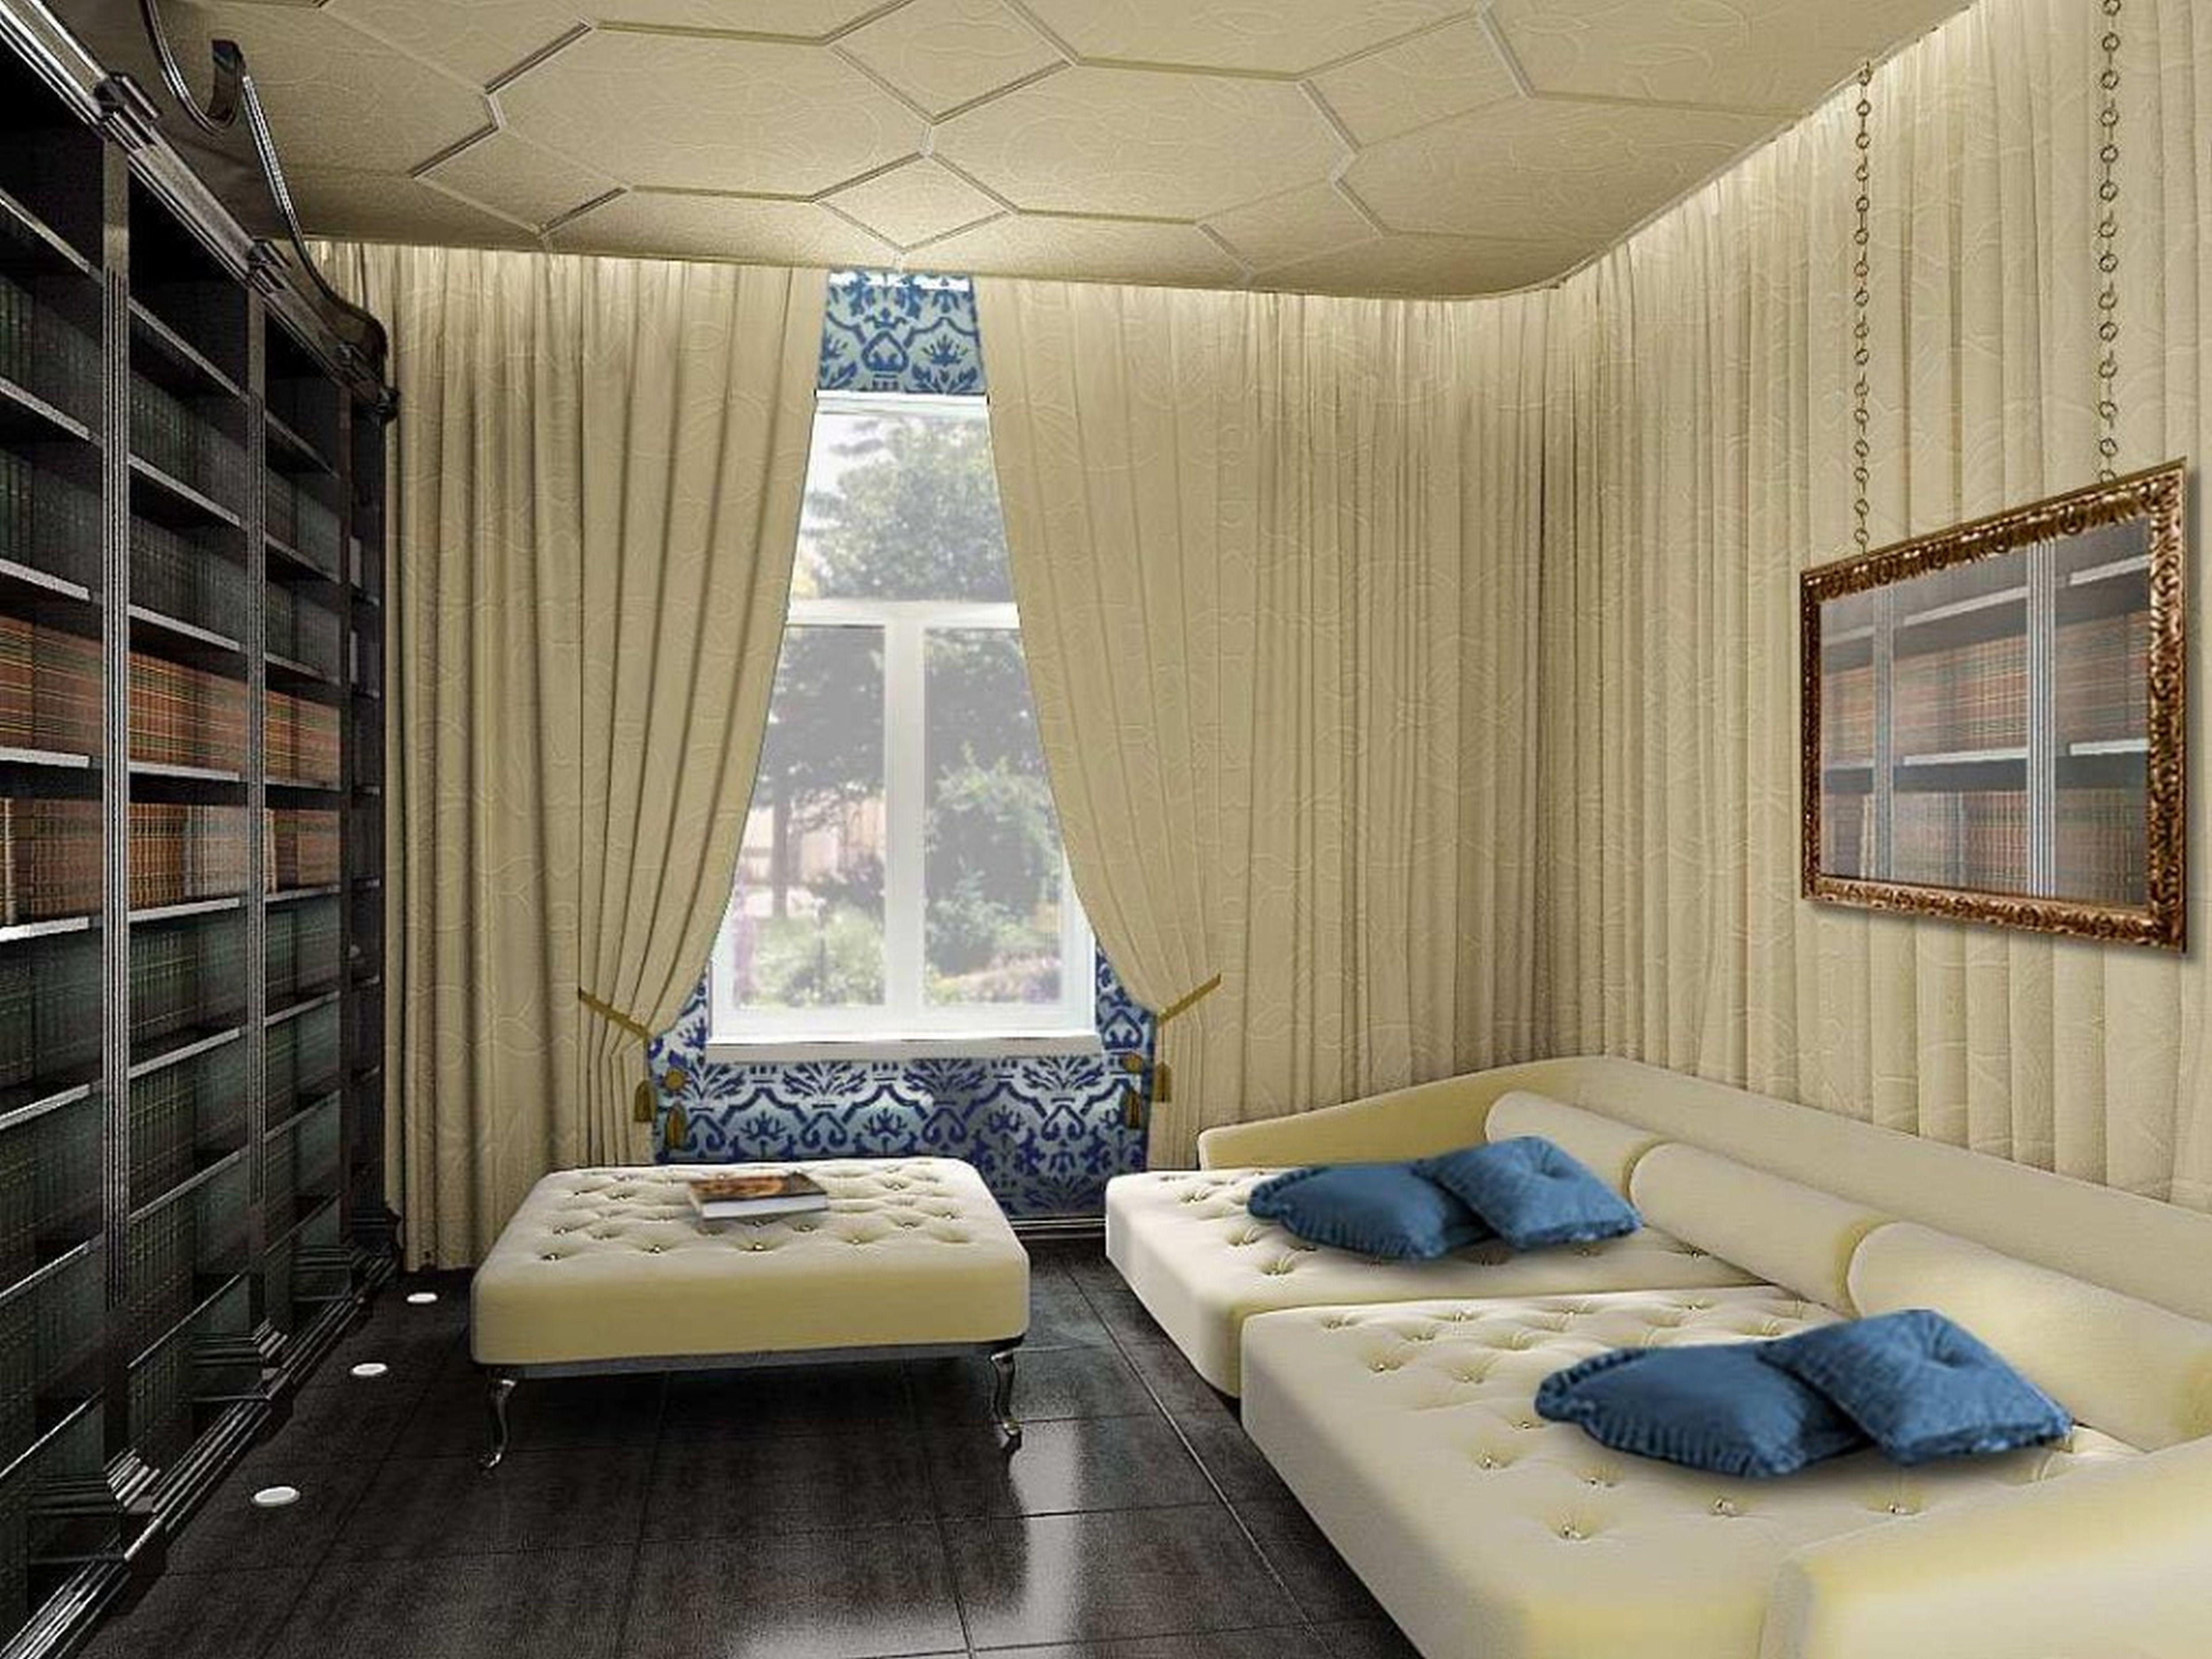 Luxus Schlafzimmer Design Mit Bequemen Sofa Bett Und